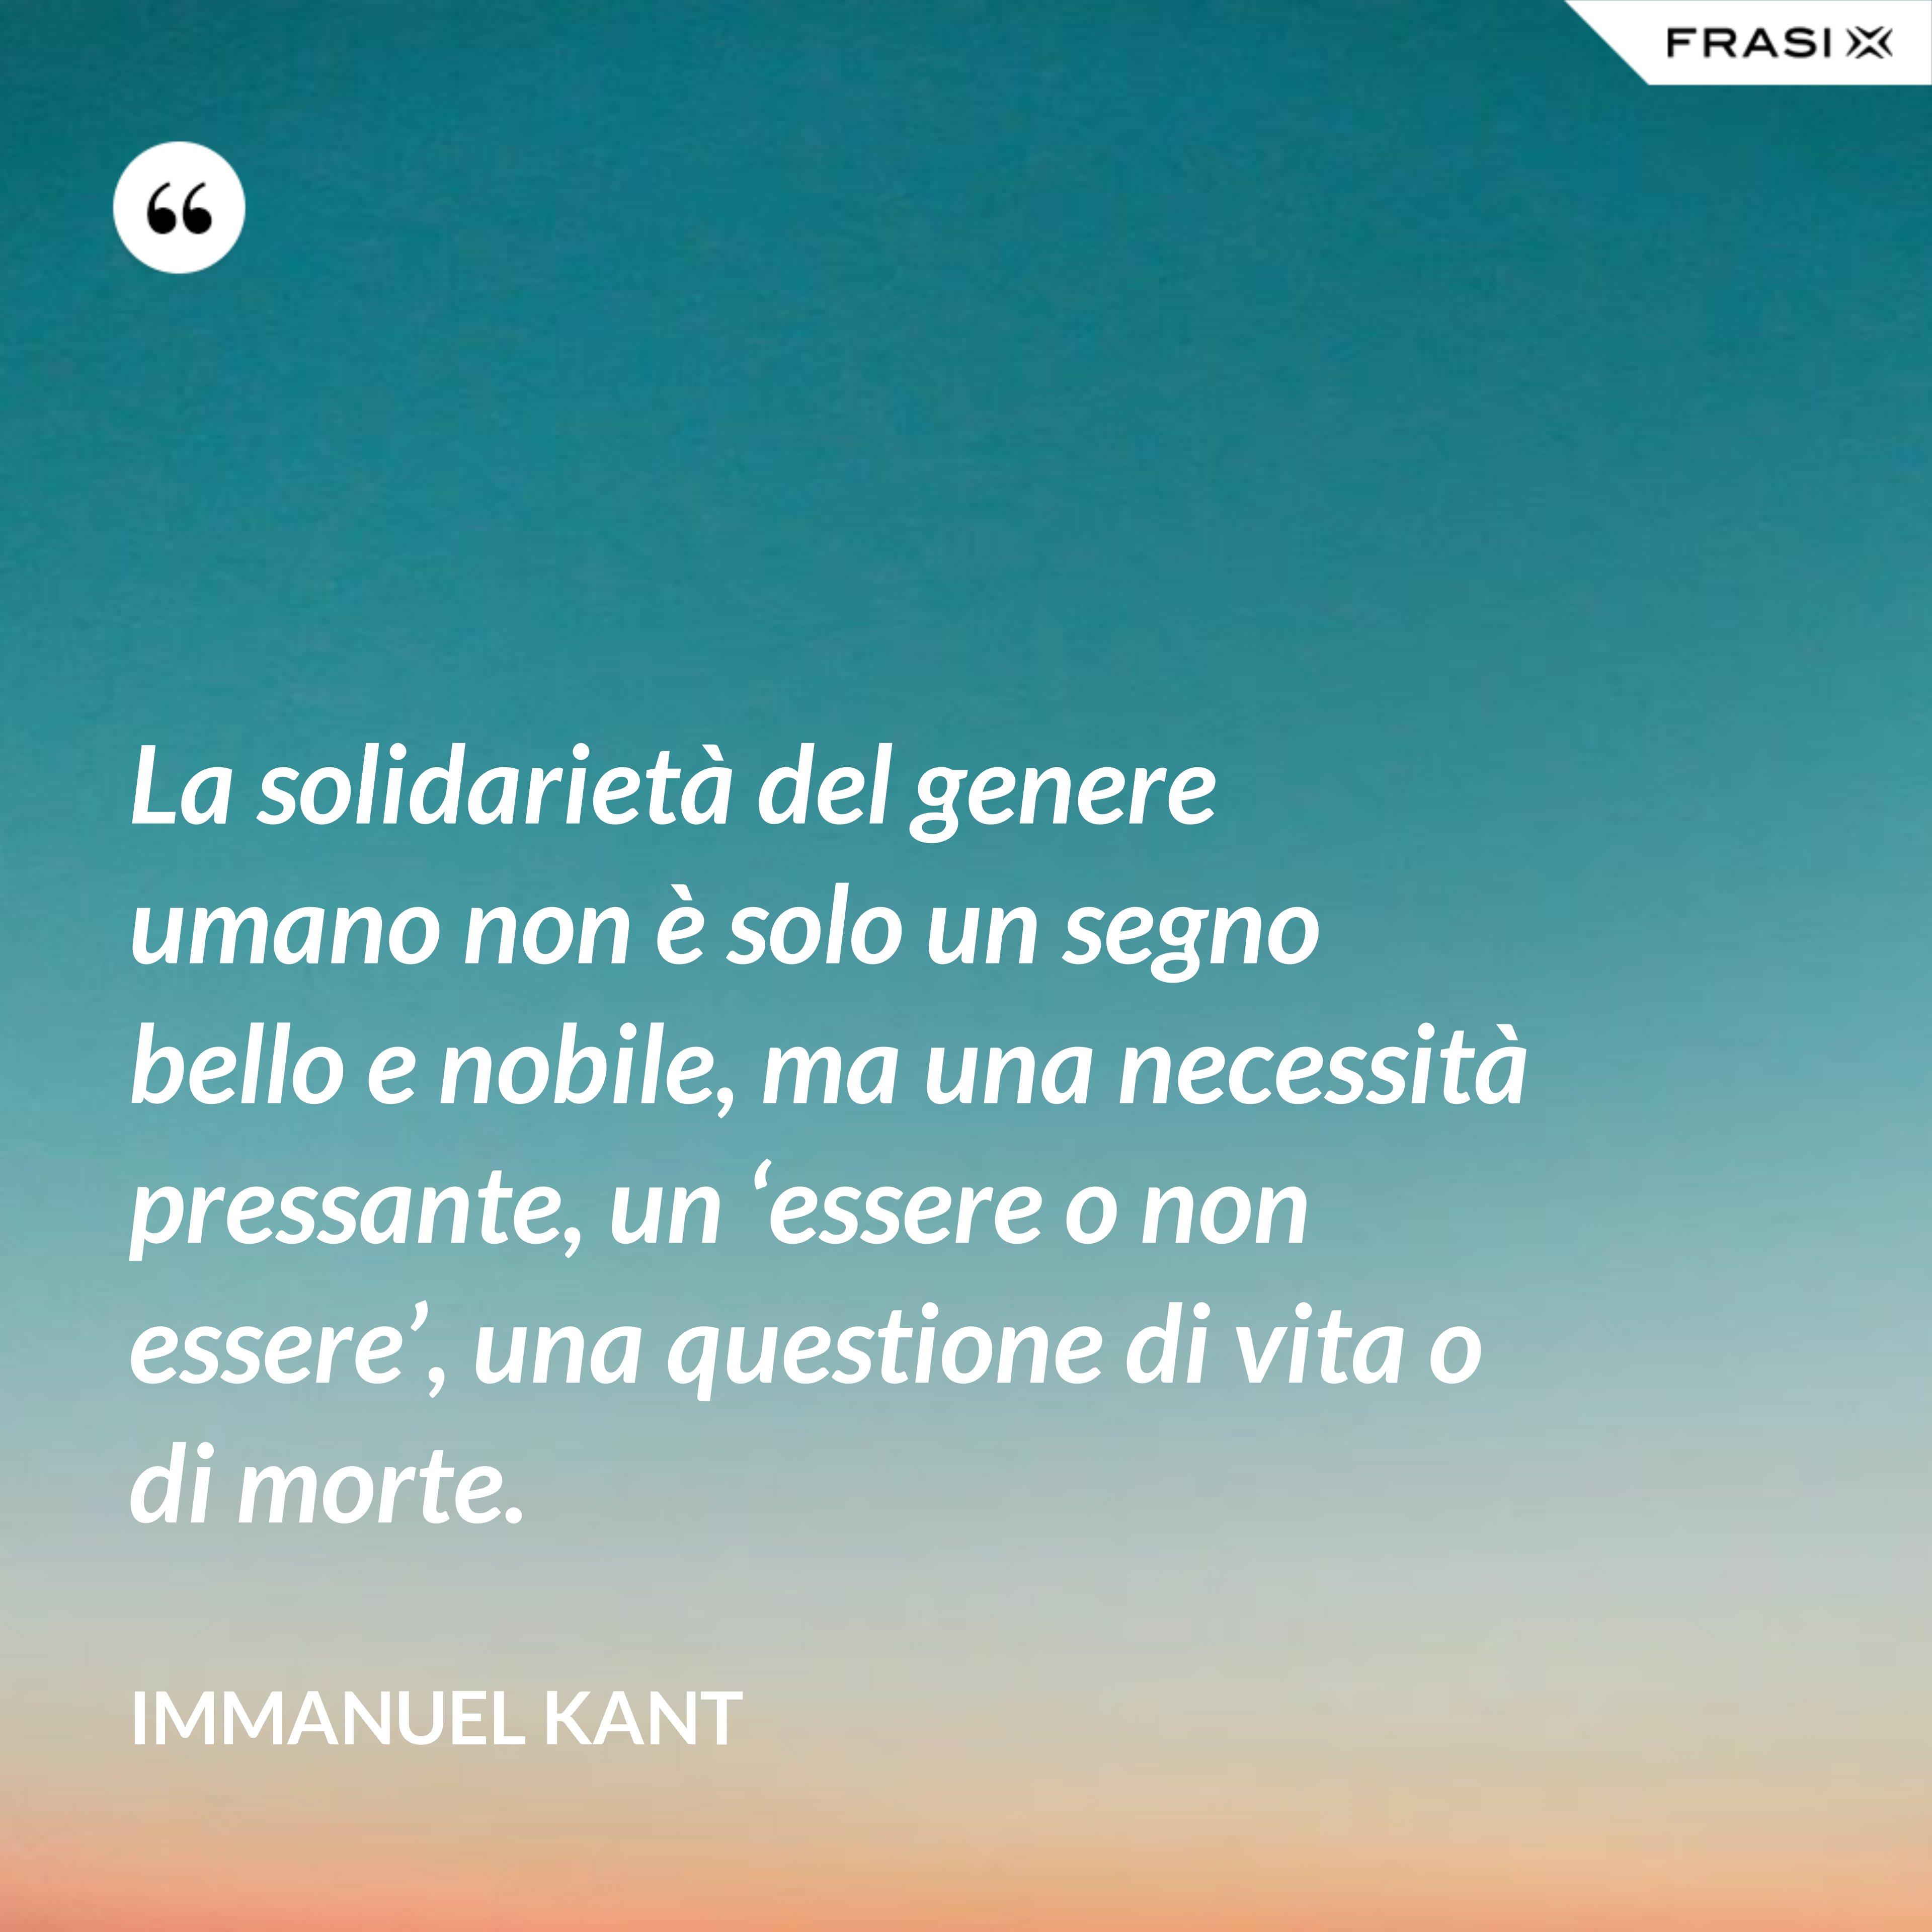 La solidarietà del genere umano non è solo un segno bello e nobile, ma una necessità pressante, un 'essere o non essere', una questione di vita o di morte. - Immanuel Kant